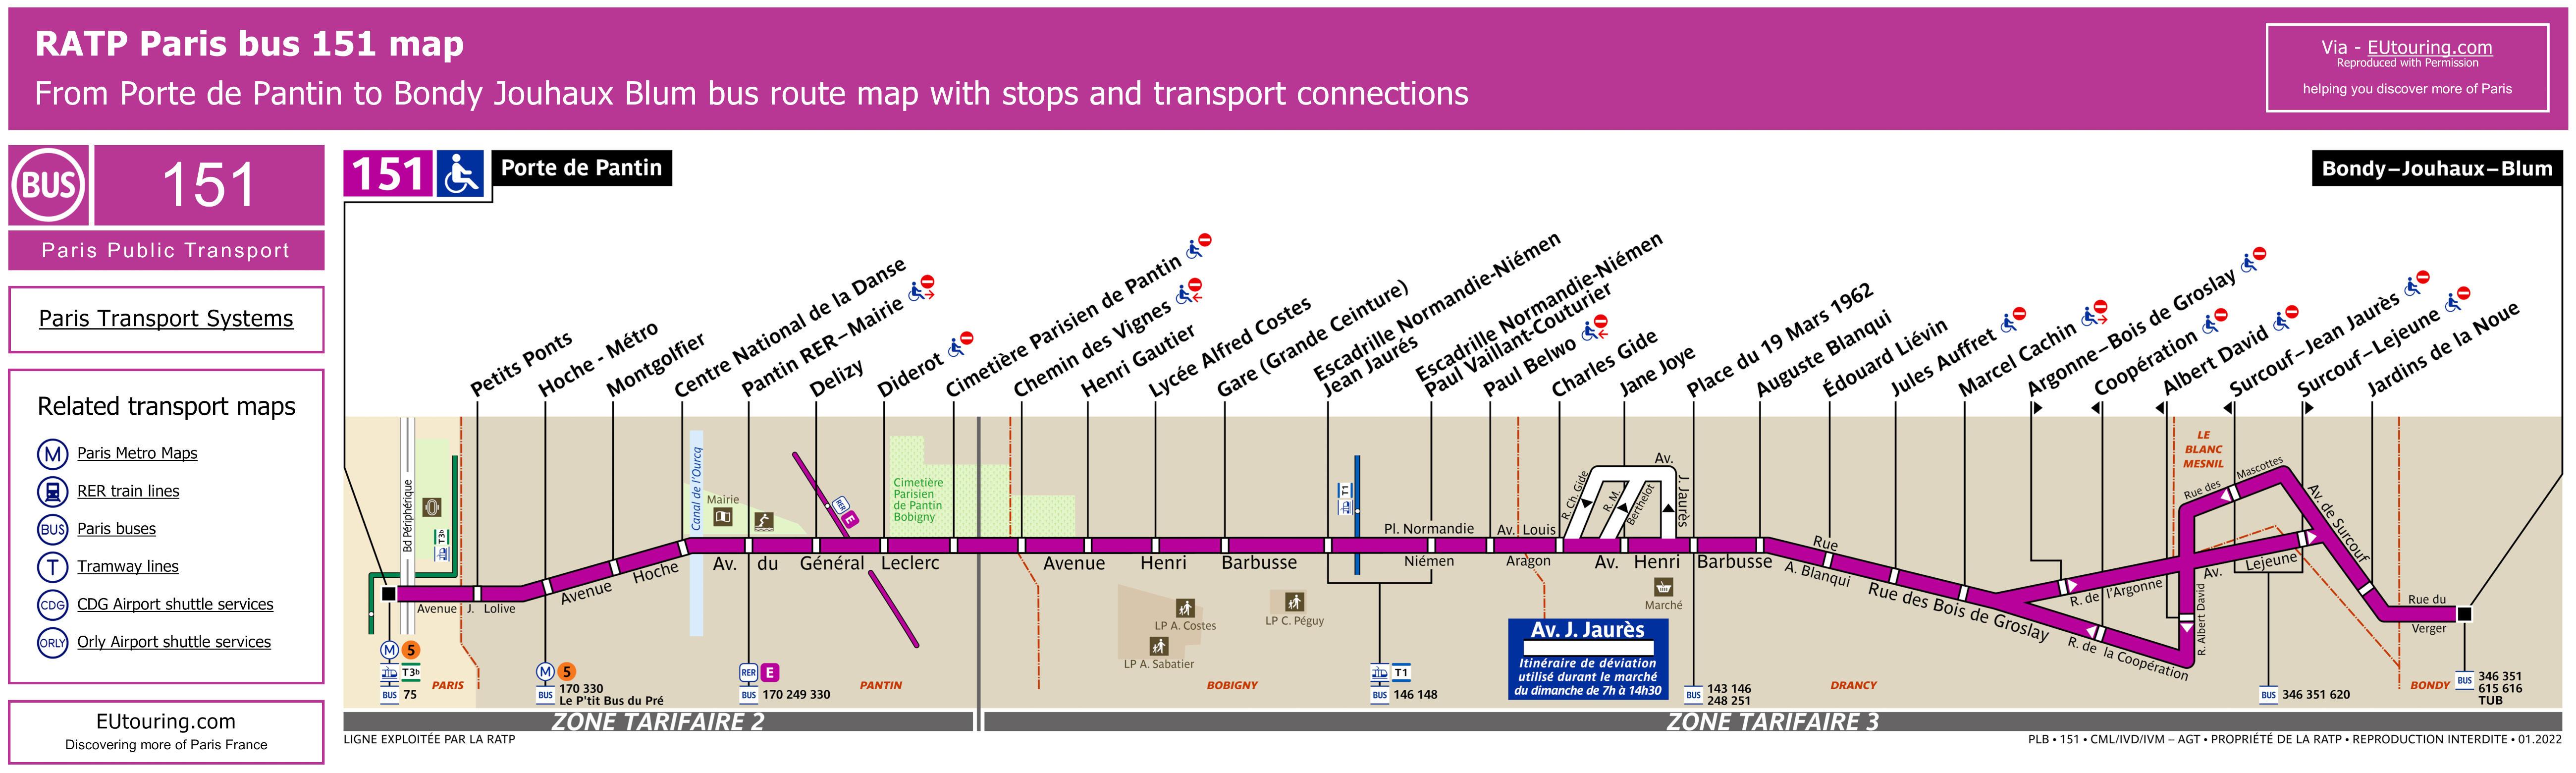 Ratp Bus Maps Timetables For Paris Bus Lines 150 To 159